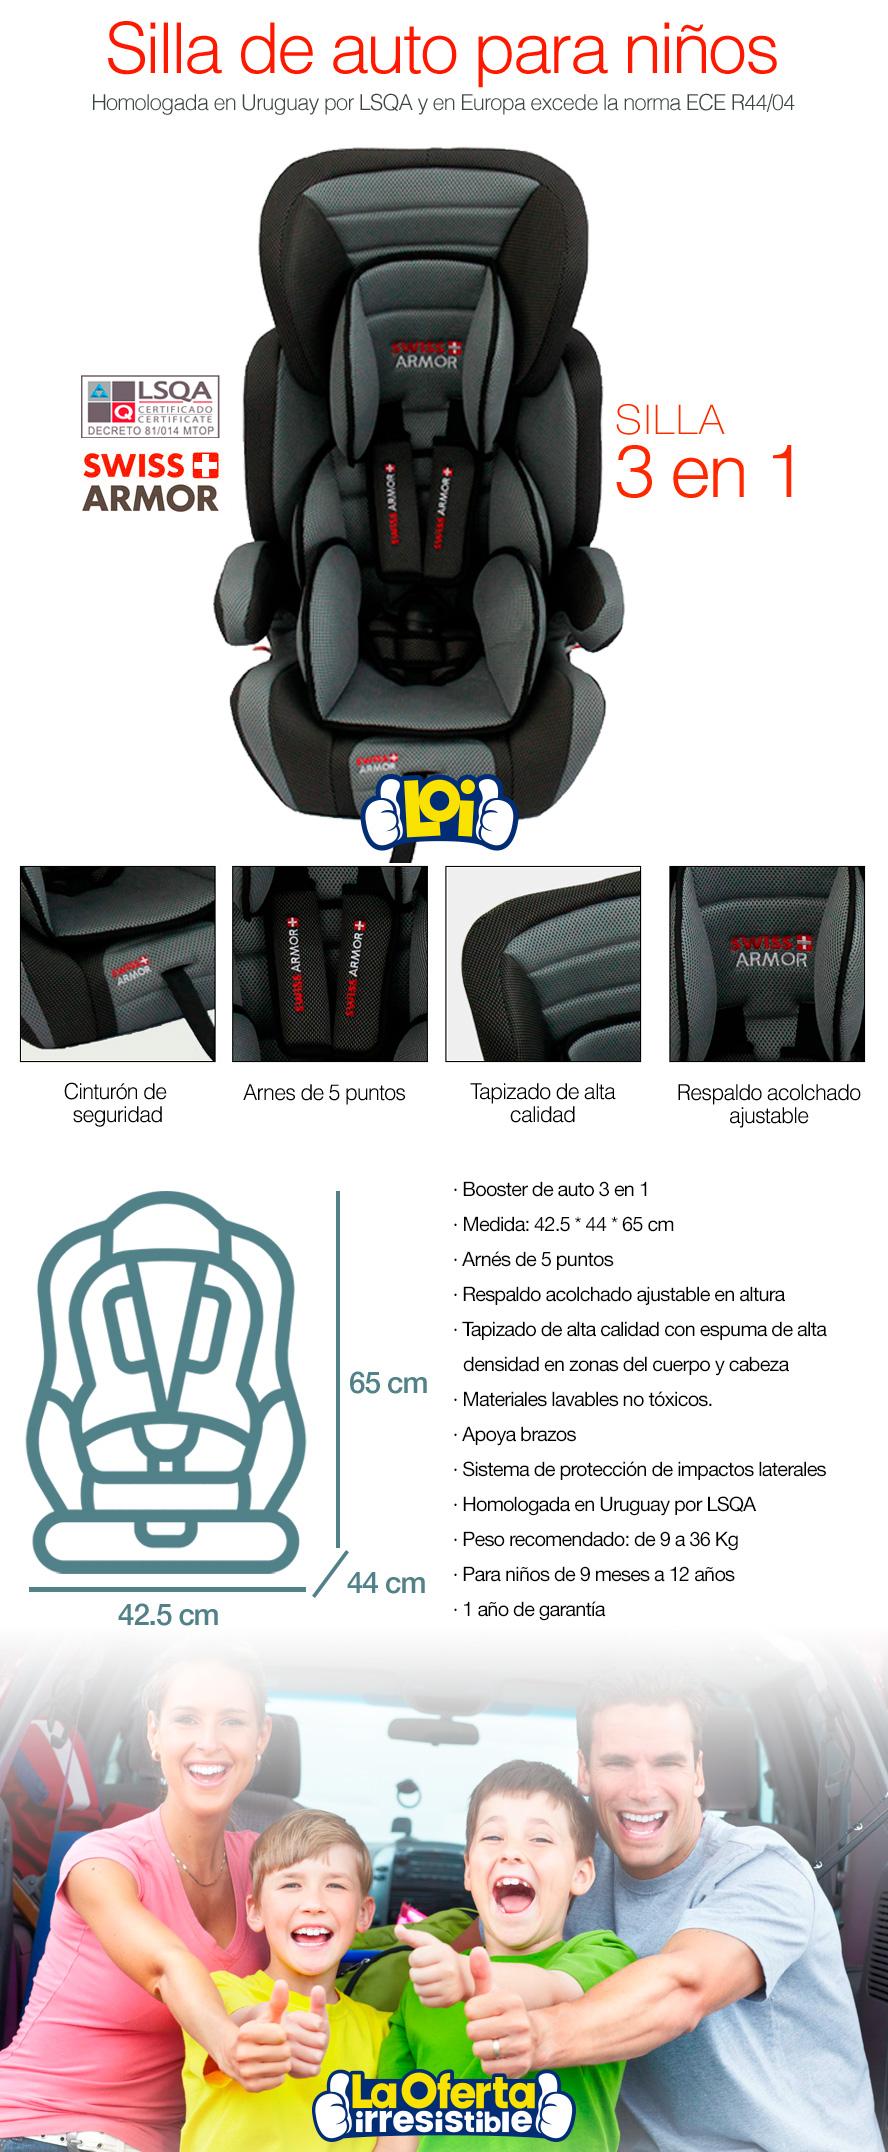 Silla de auto para ni os hasta 12 a os swiss armor oferta for Sillas para auto ninos 9 anos